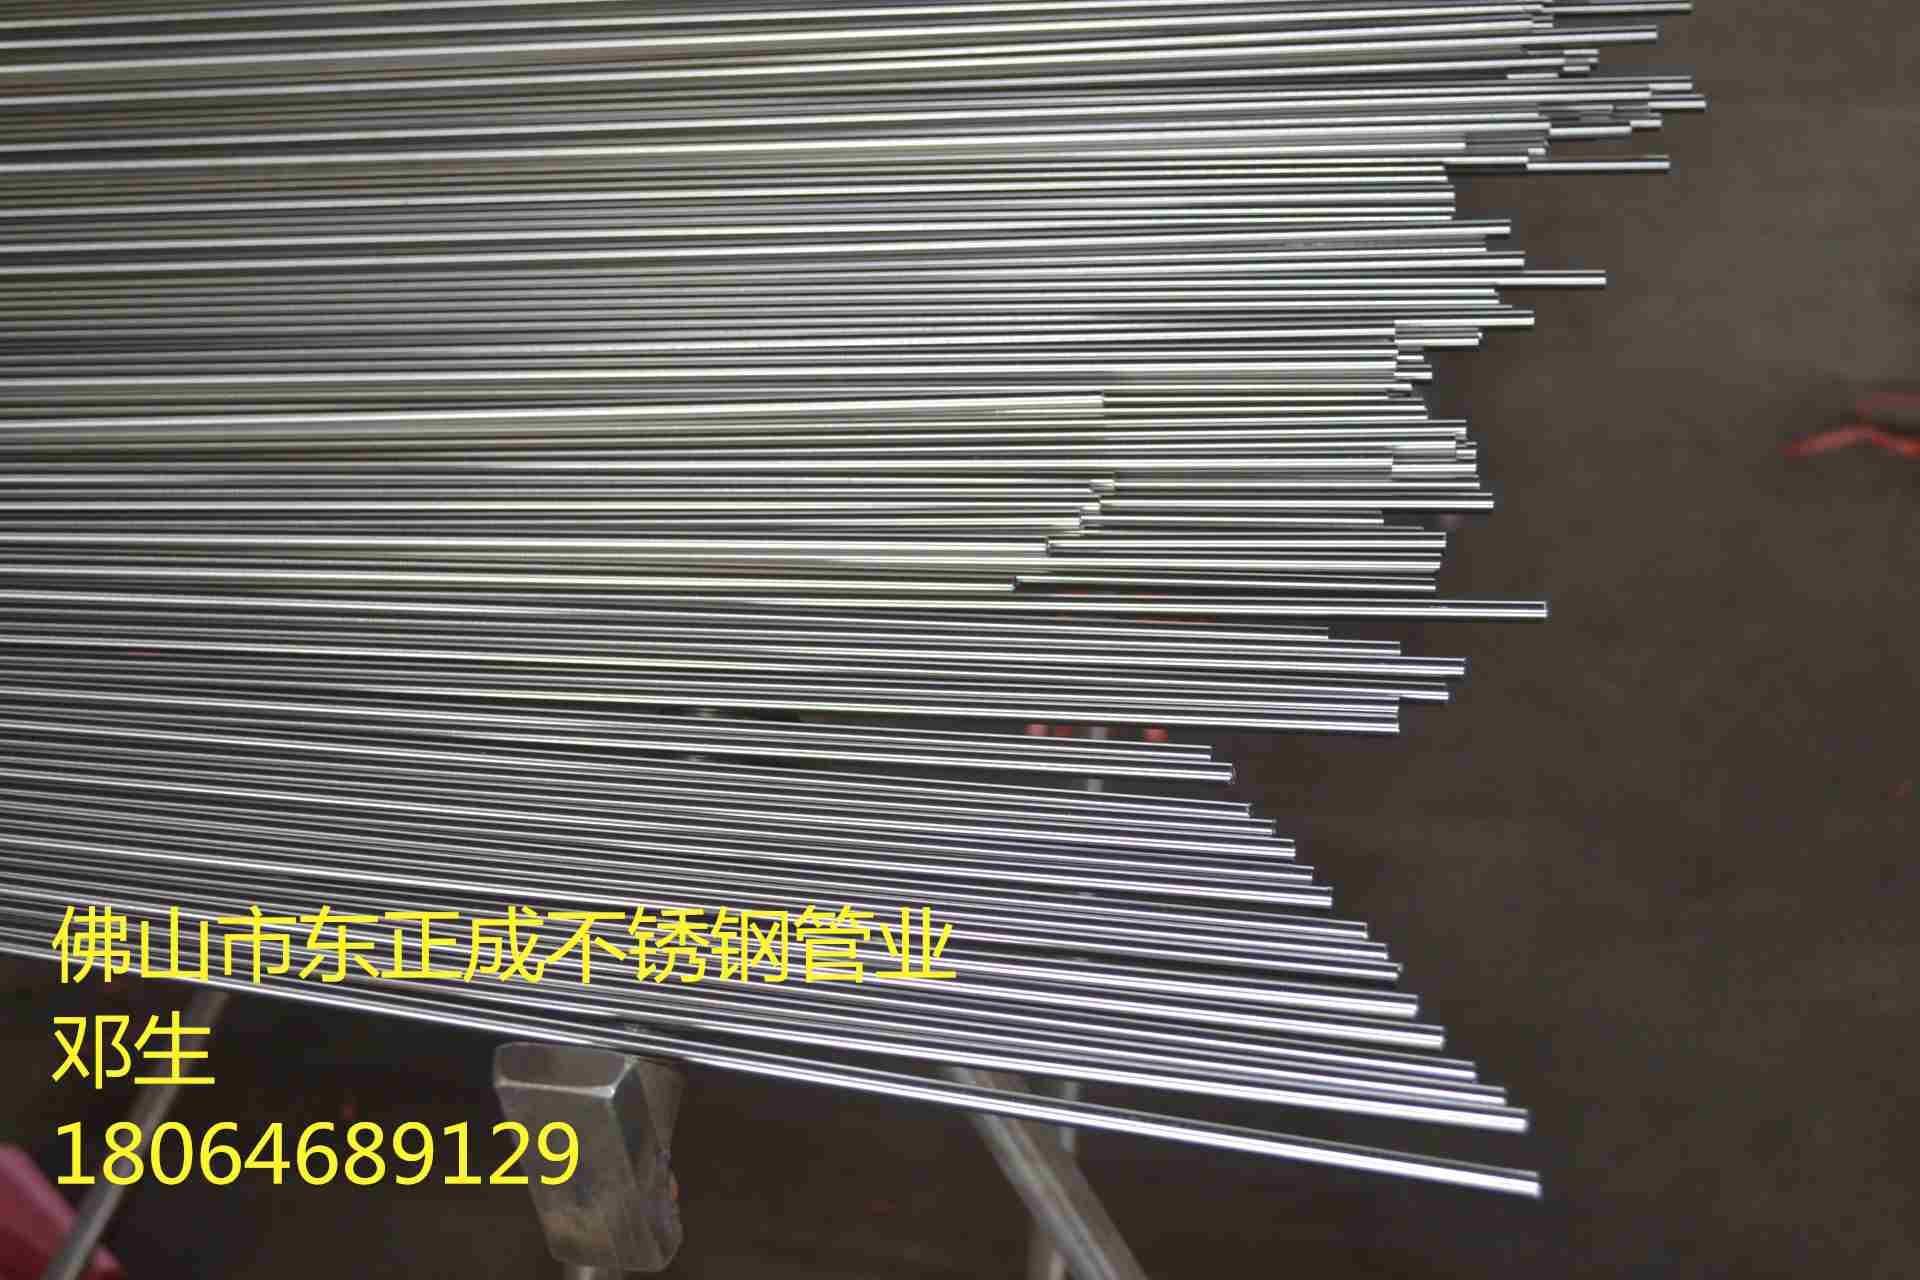 供应不锈钢精密小管,江苏304不锈钢精密小管规格齐全